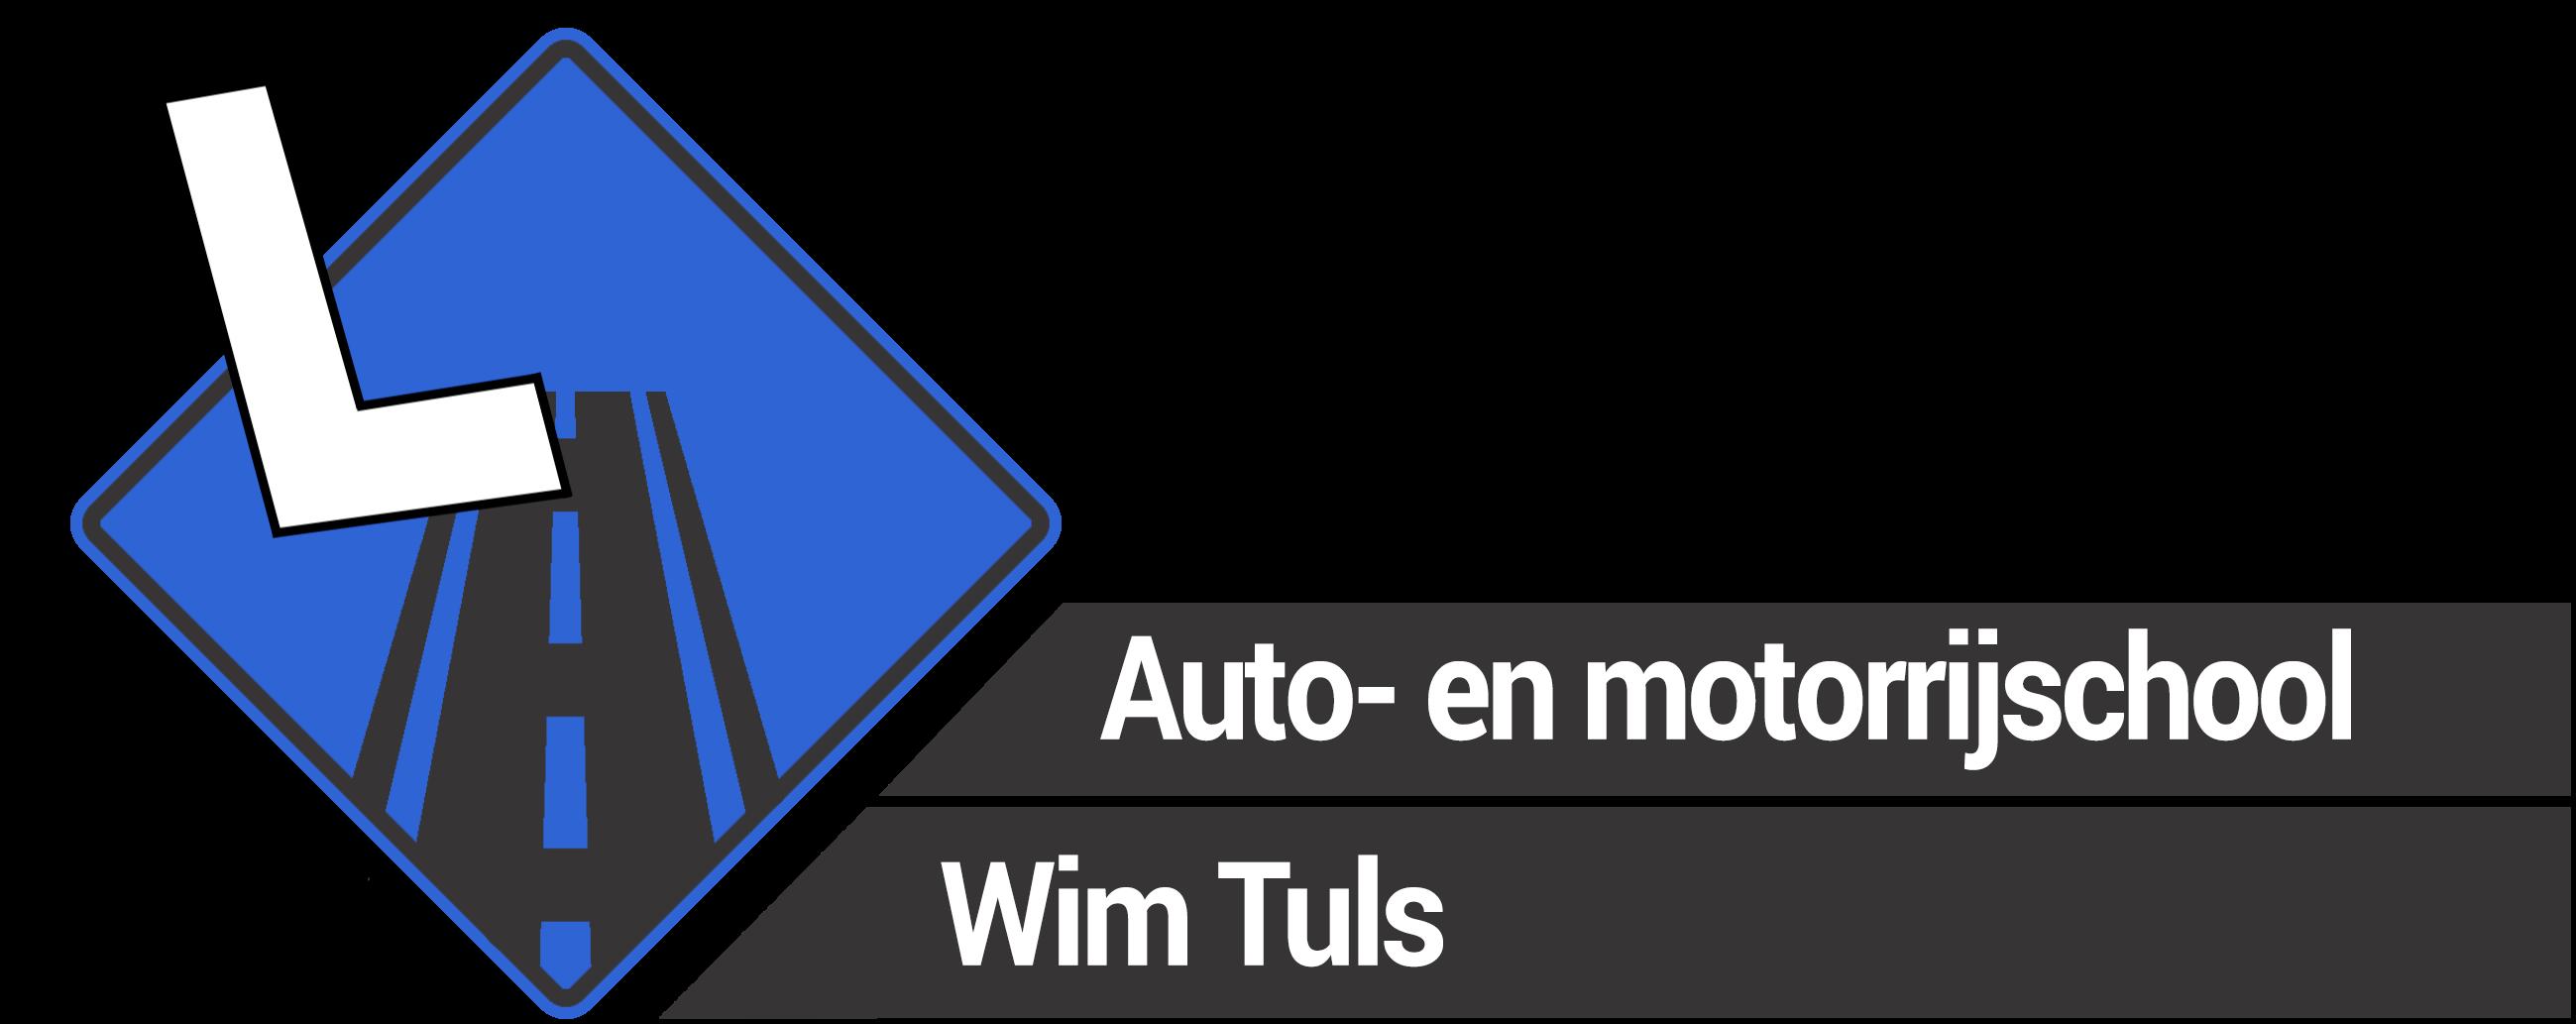 Auto- en Motorrijsschool Wim Tuls